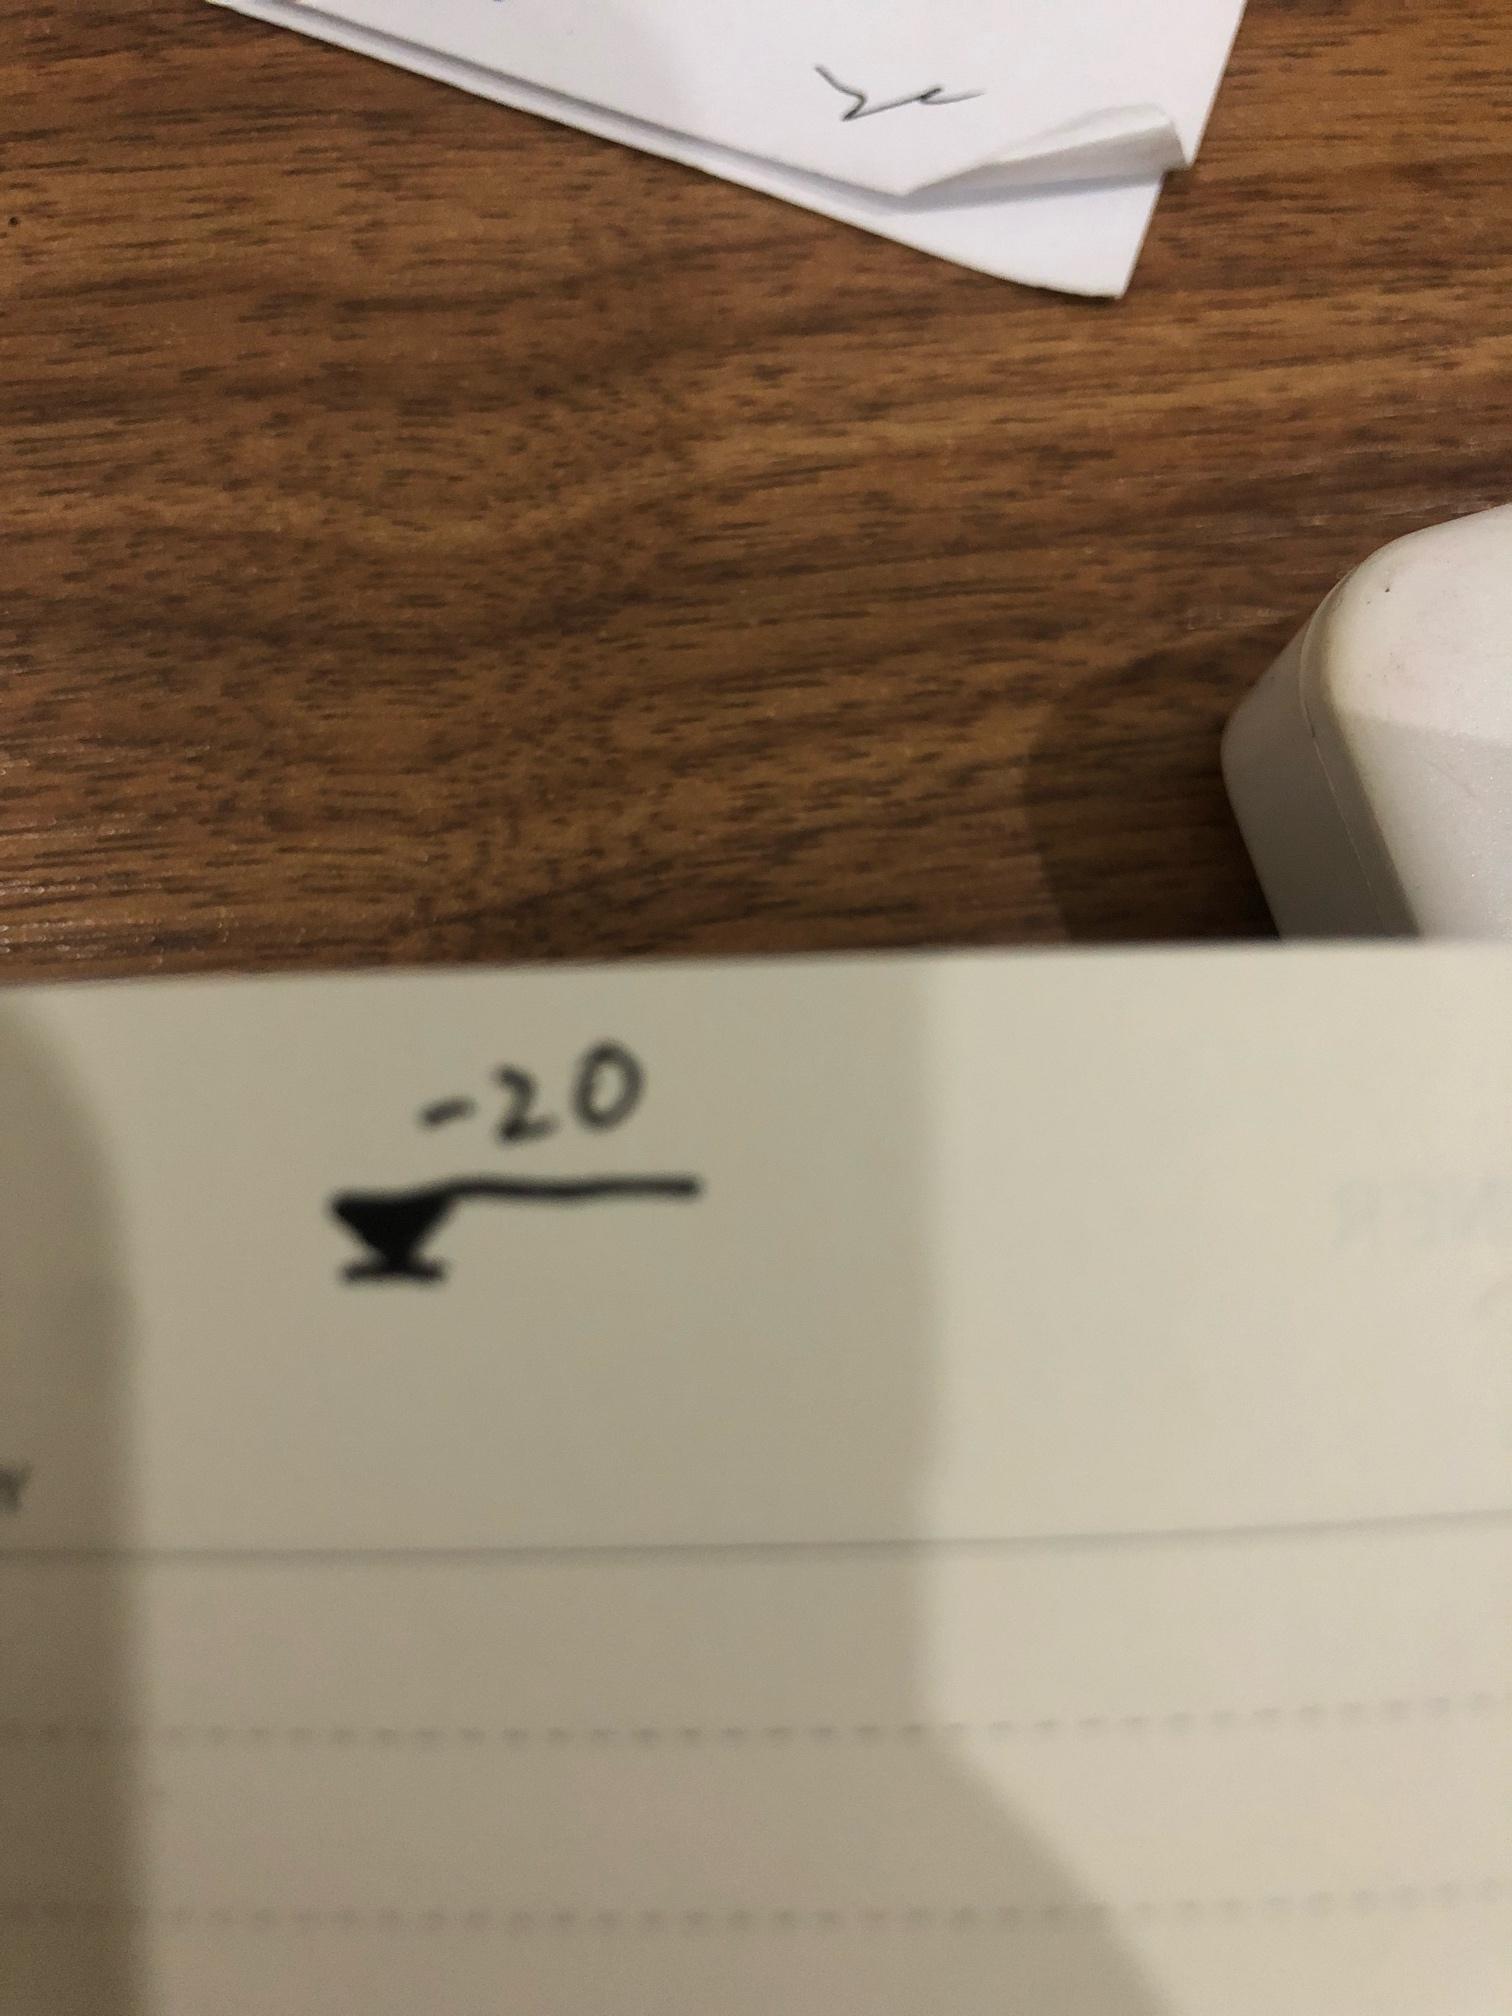 这个是绝对标高符号的意思吗?